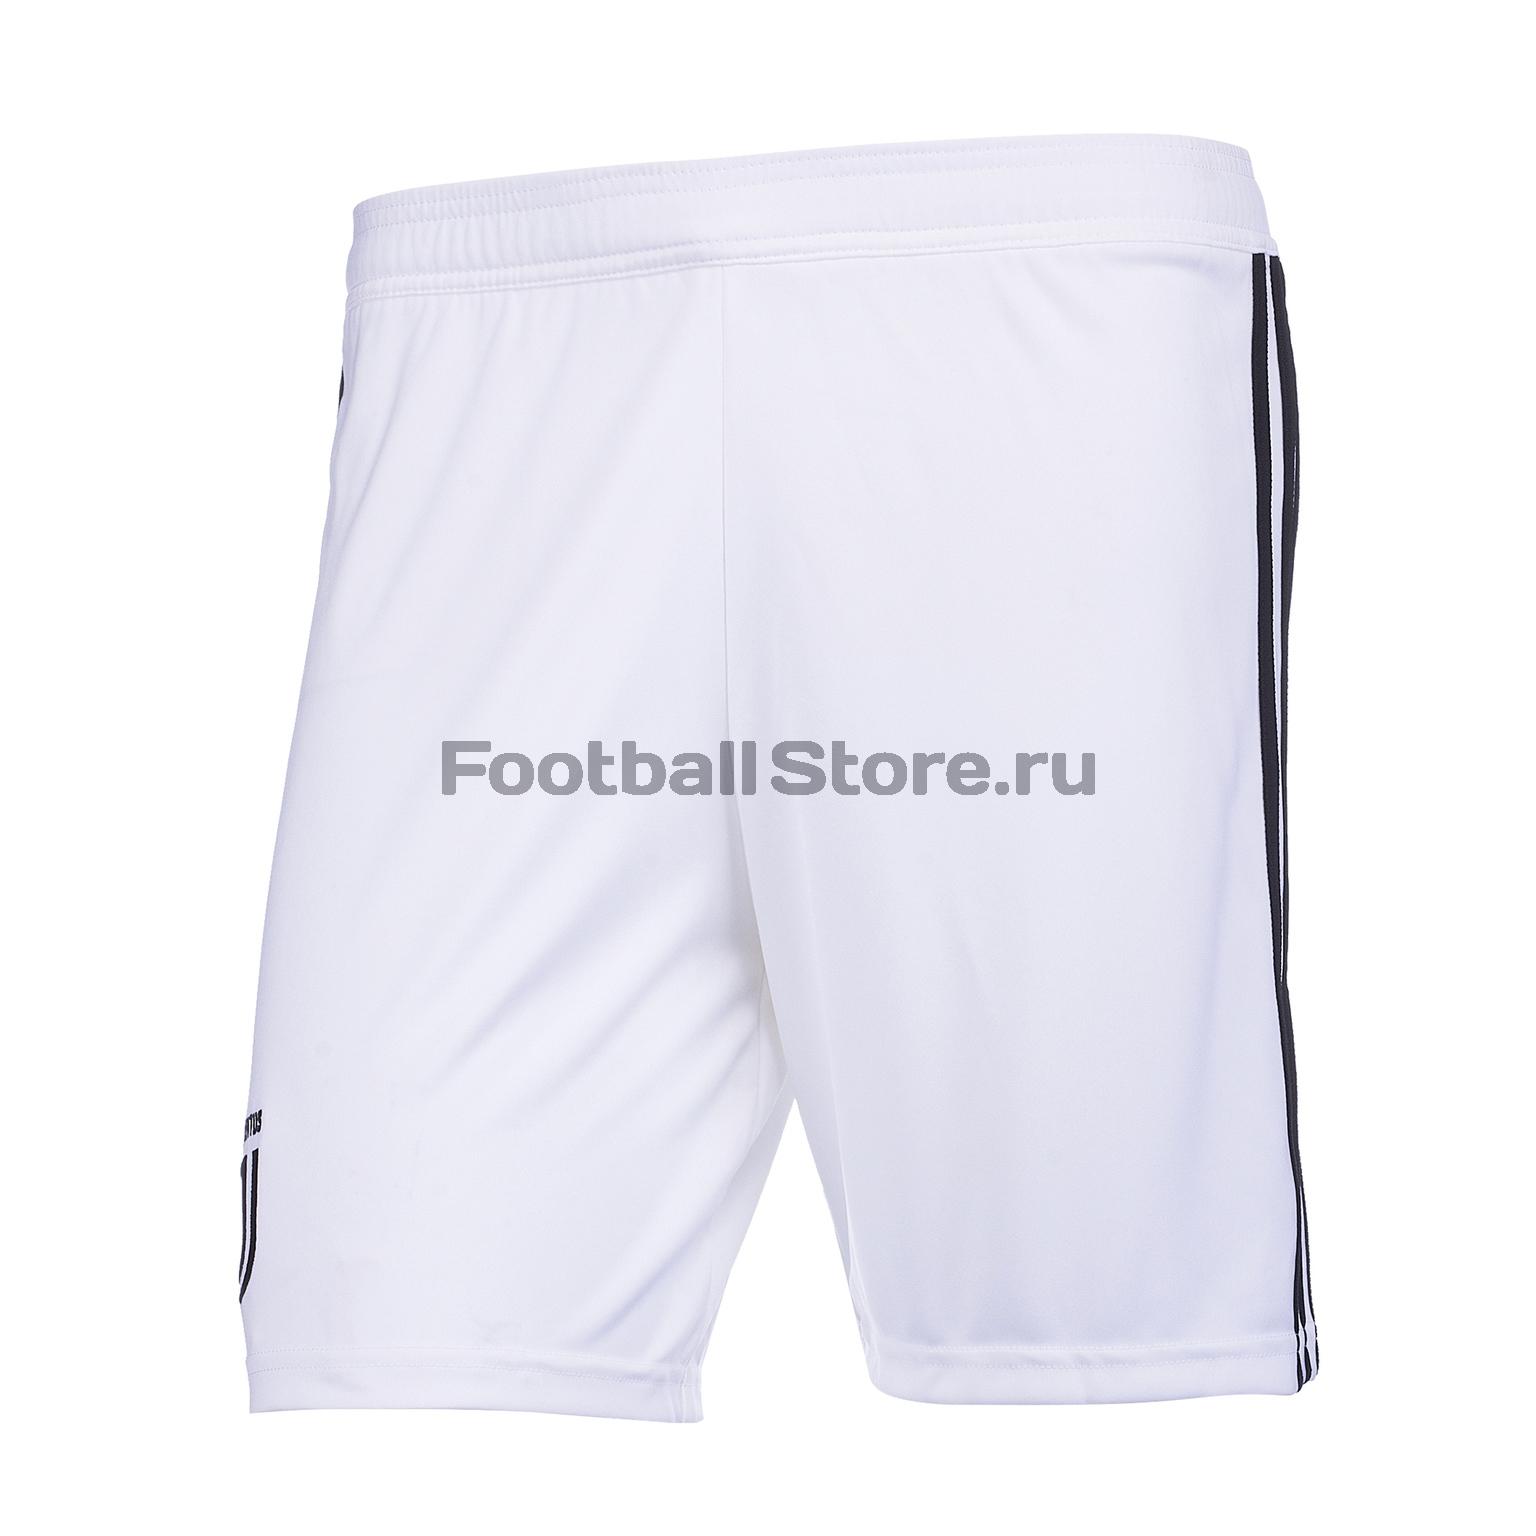 Шорты домашние игровые Adidas Juventus 2018/19 рюкзак adidas juventus 2018 19